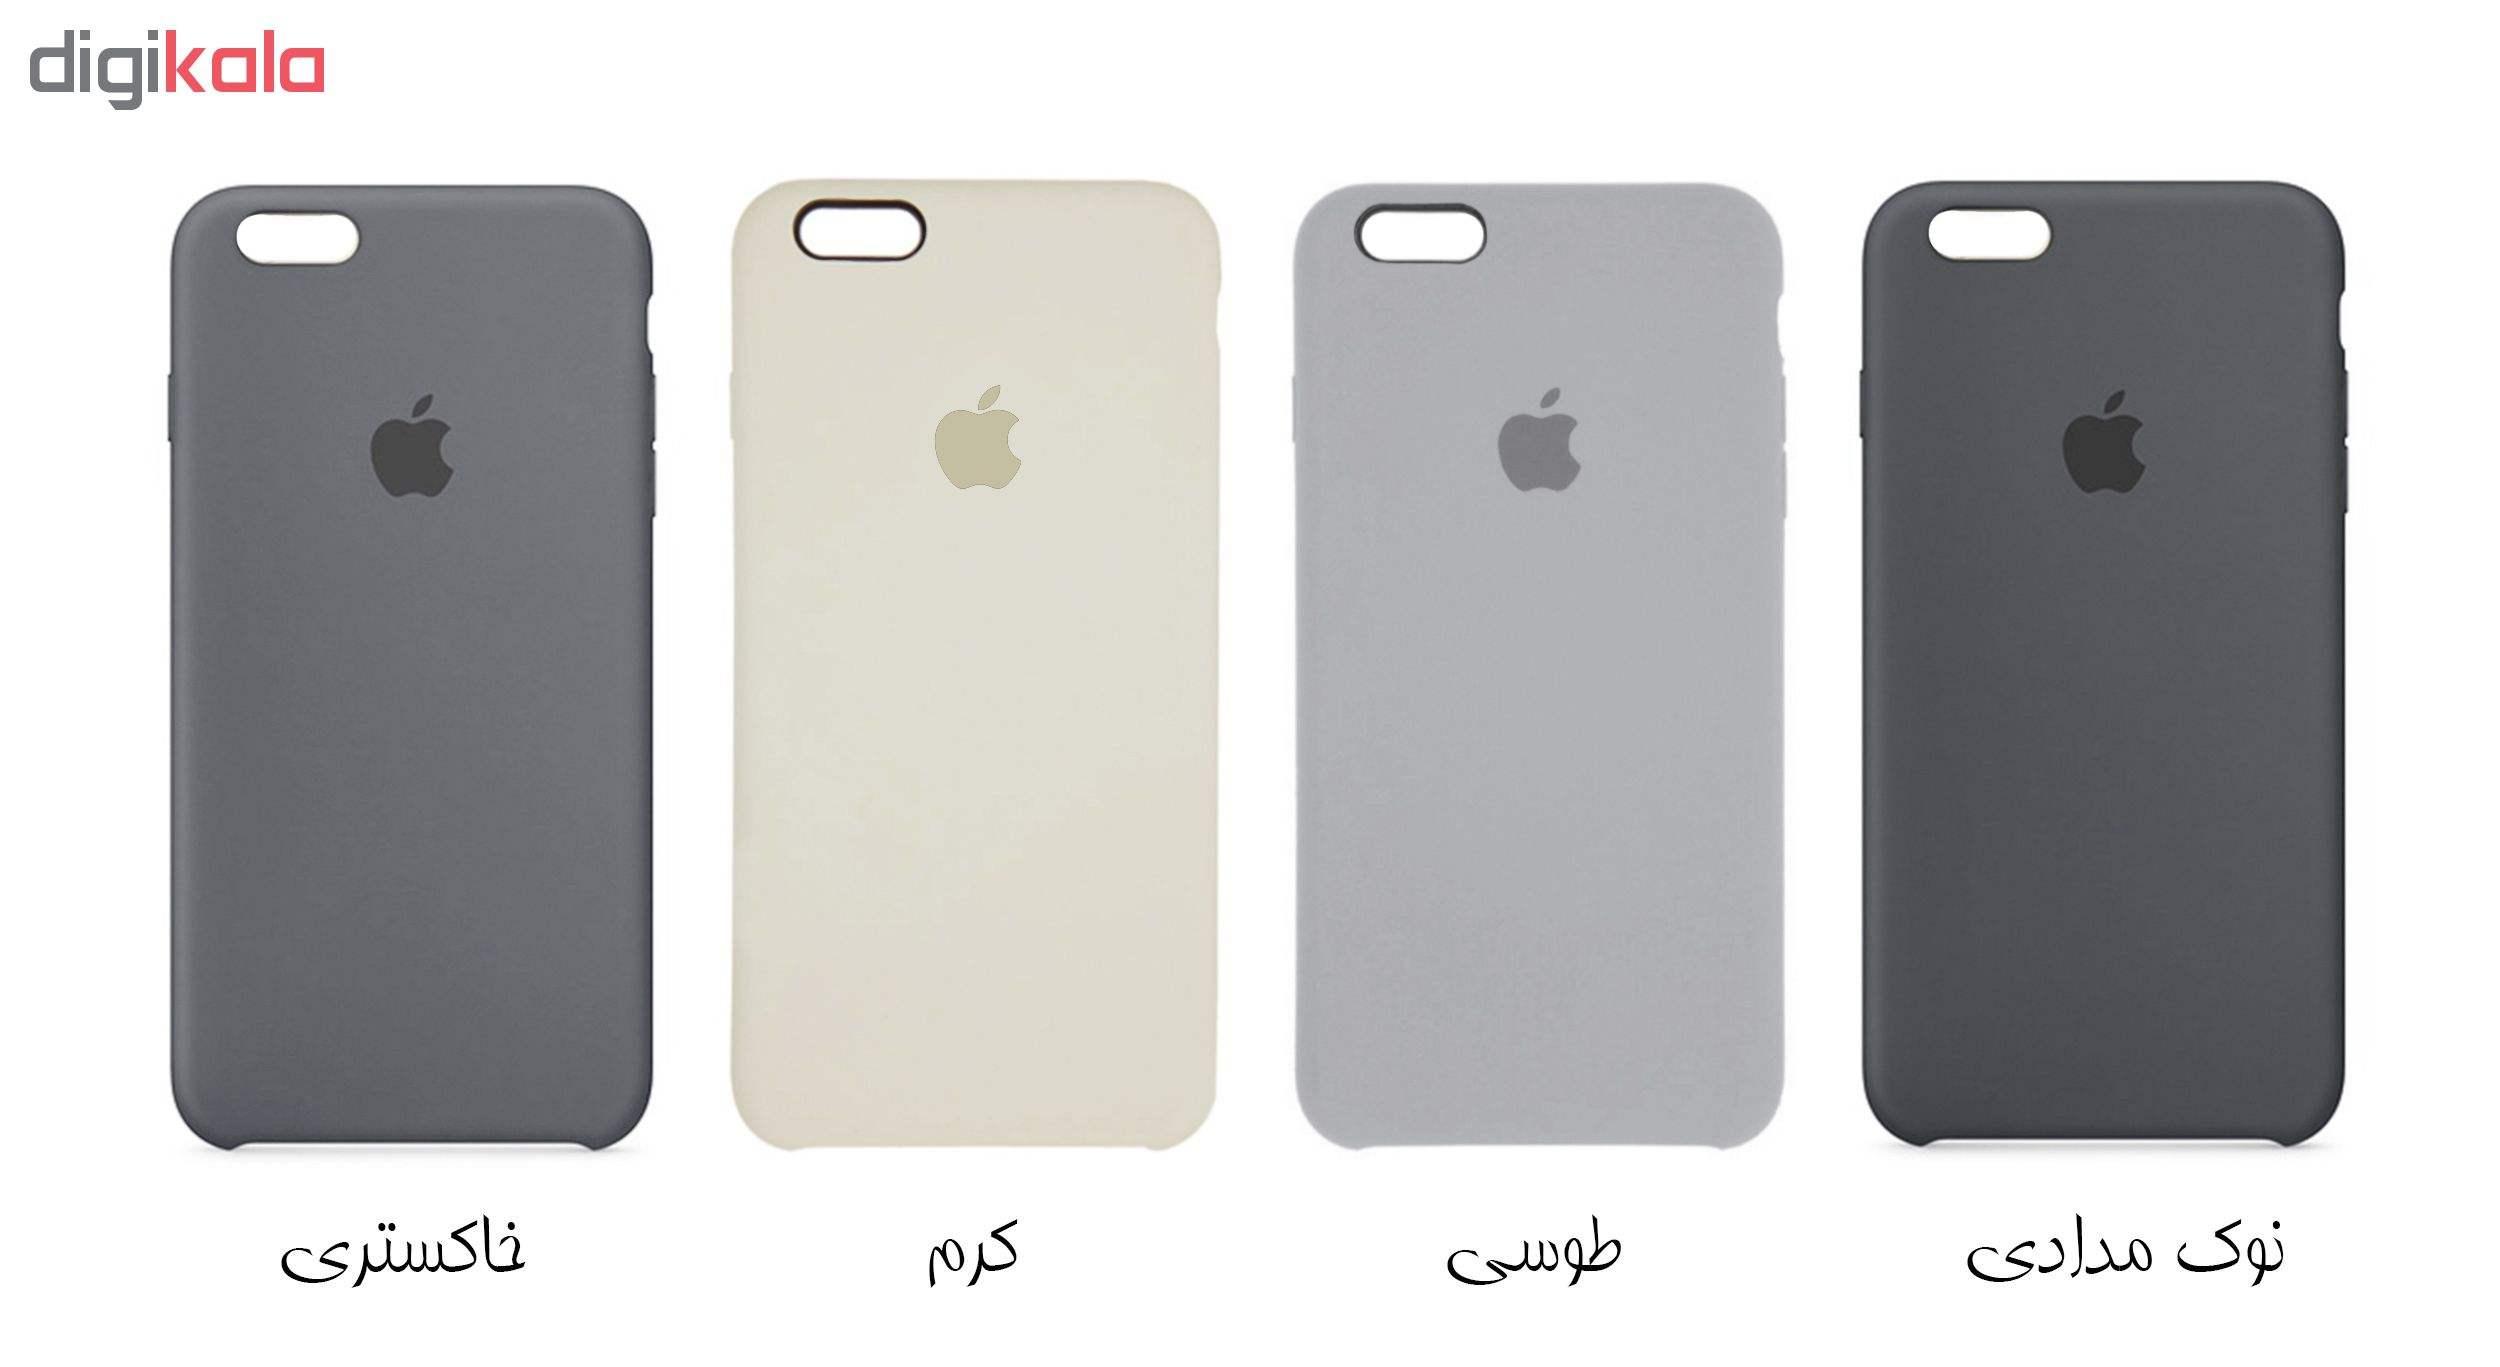 کاور مدل SlC مناسب برای گوشی موبایل آیفون 6/6s main 1 13